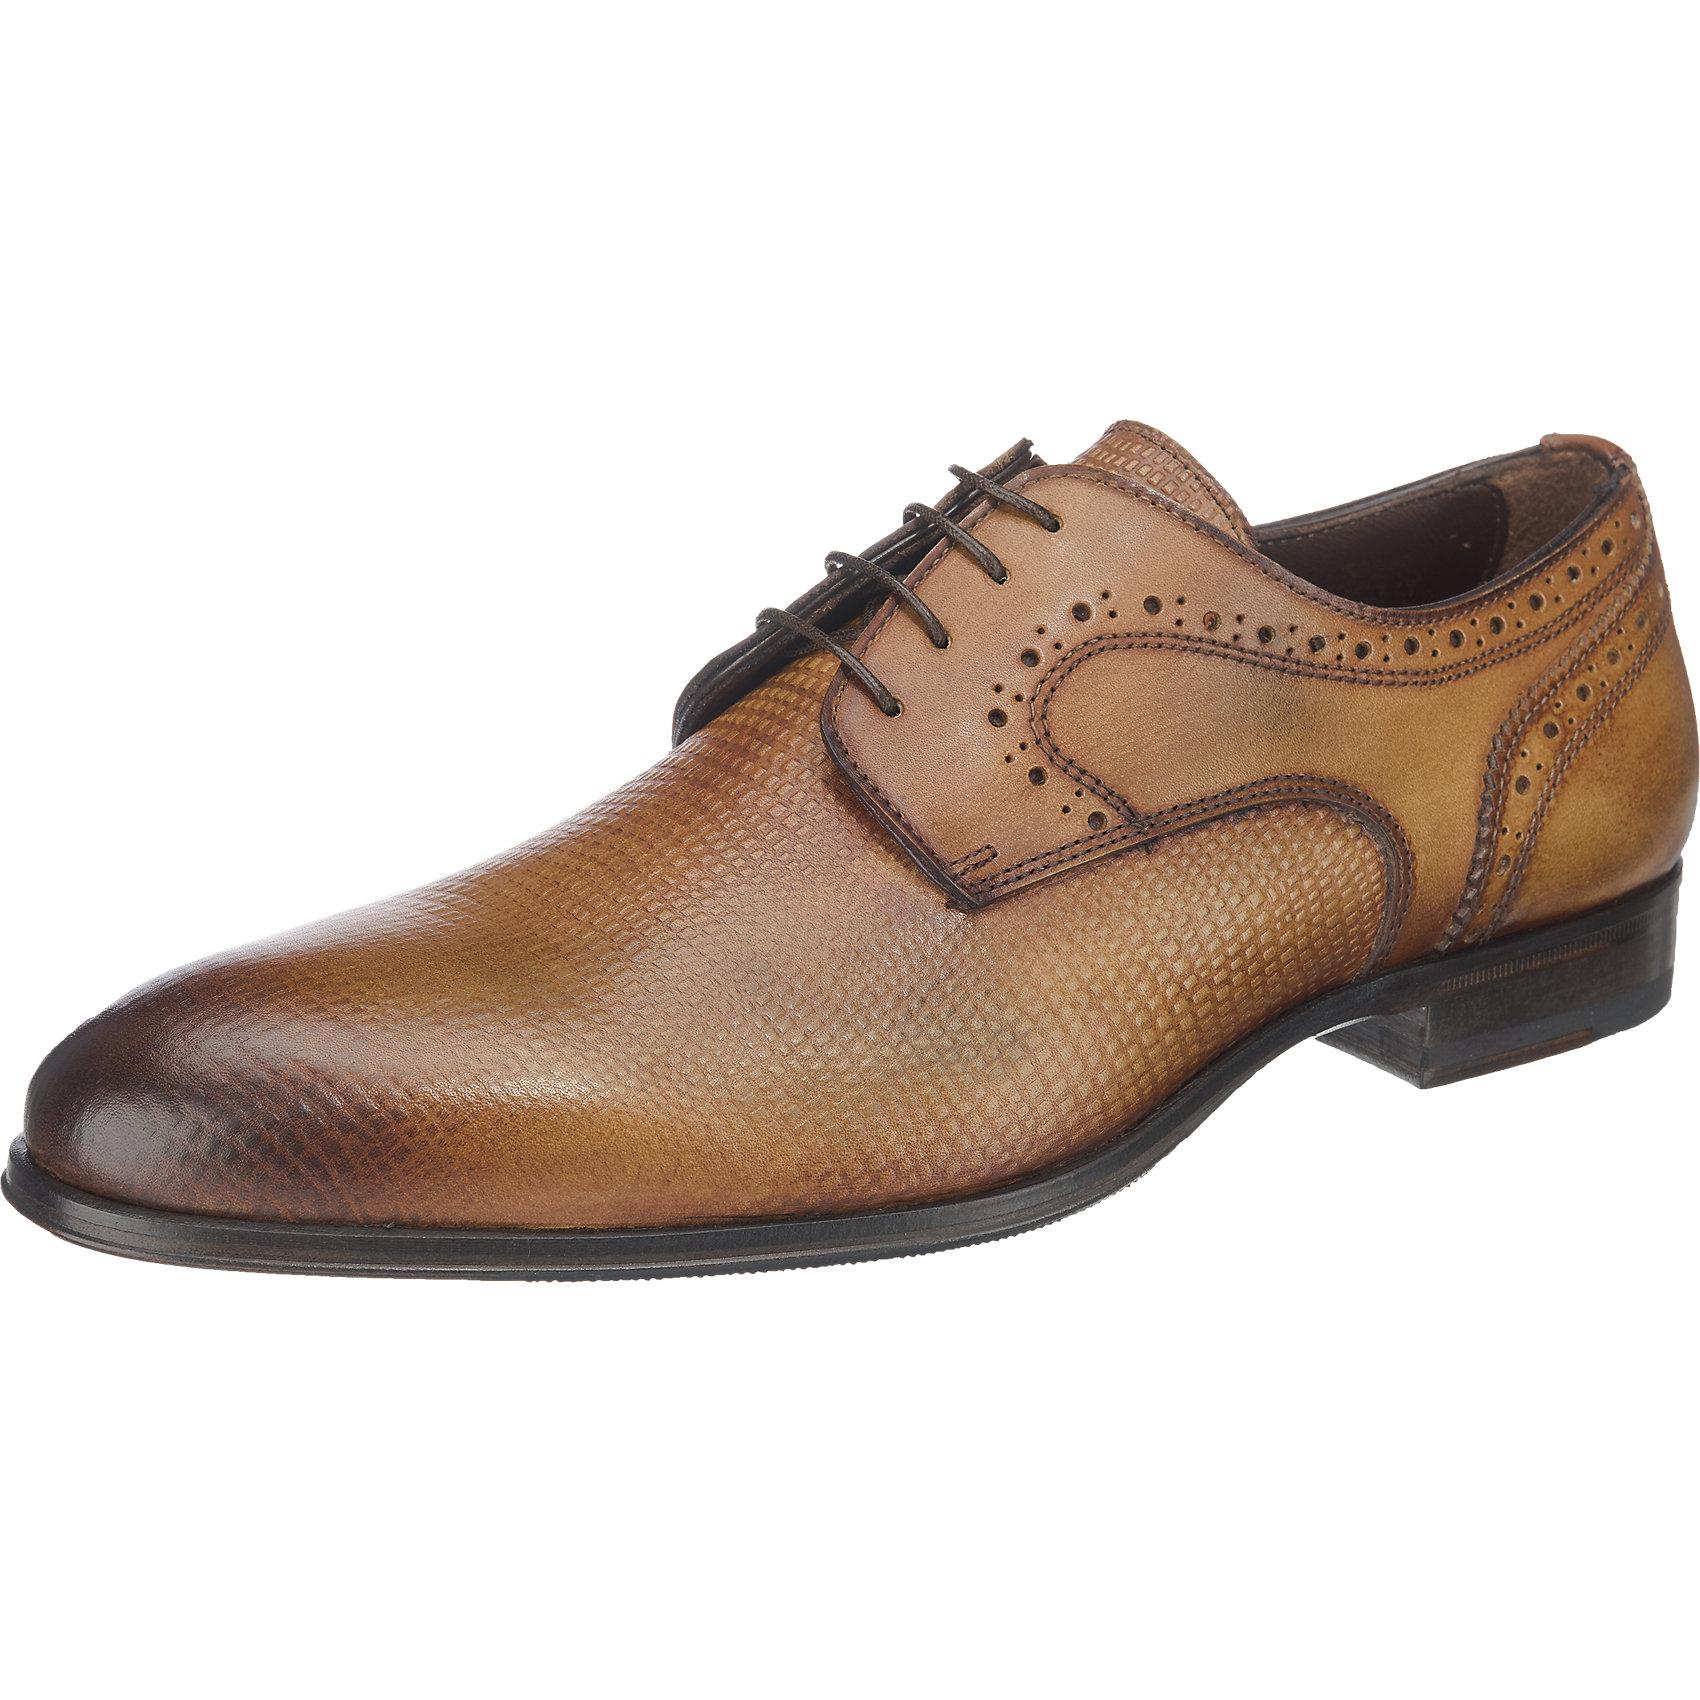 Kleidung & Accessoires Neu Flecs Business Schuhe 5763718 für